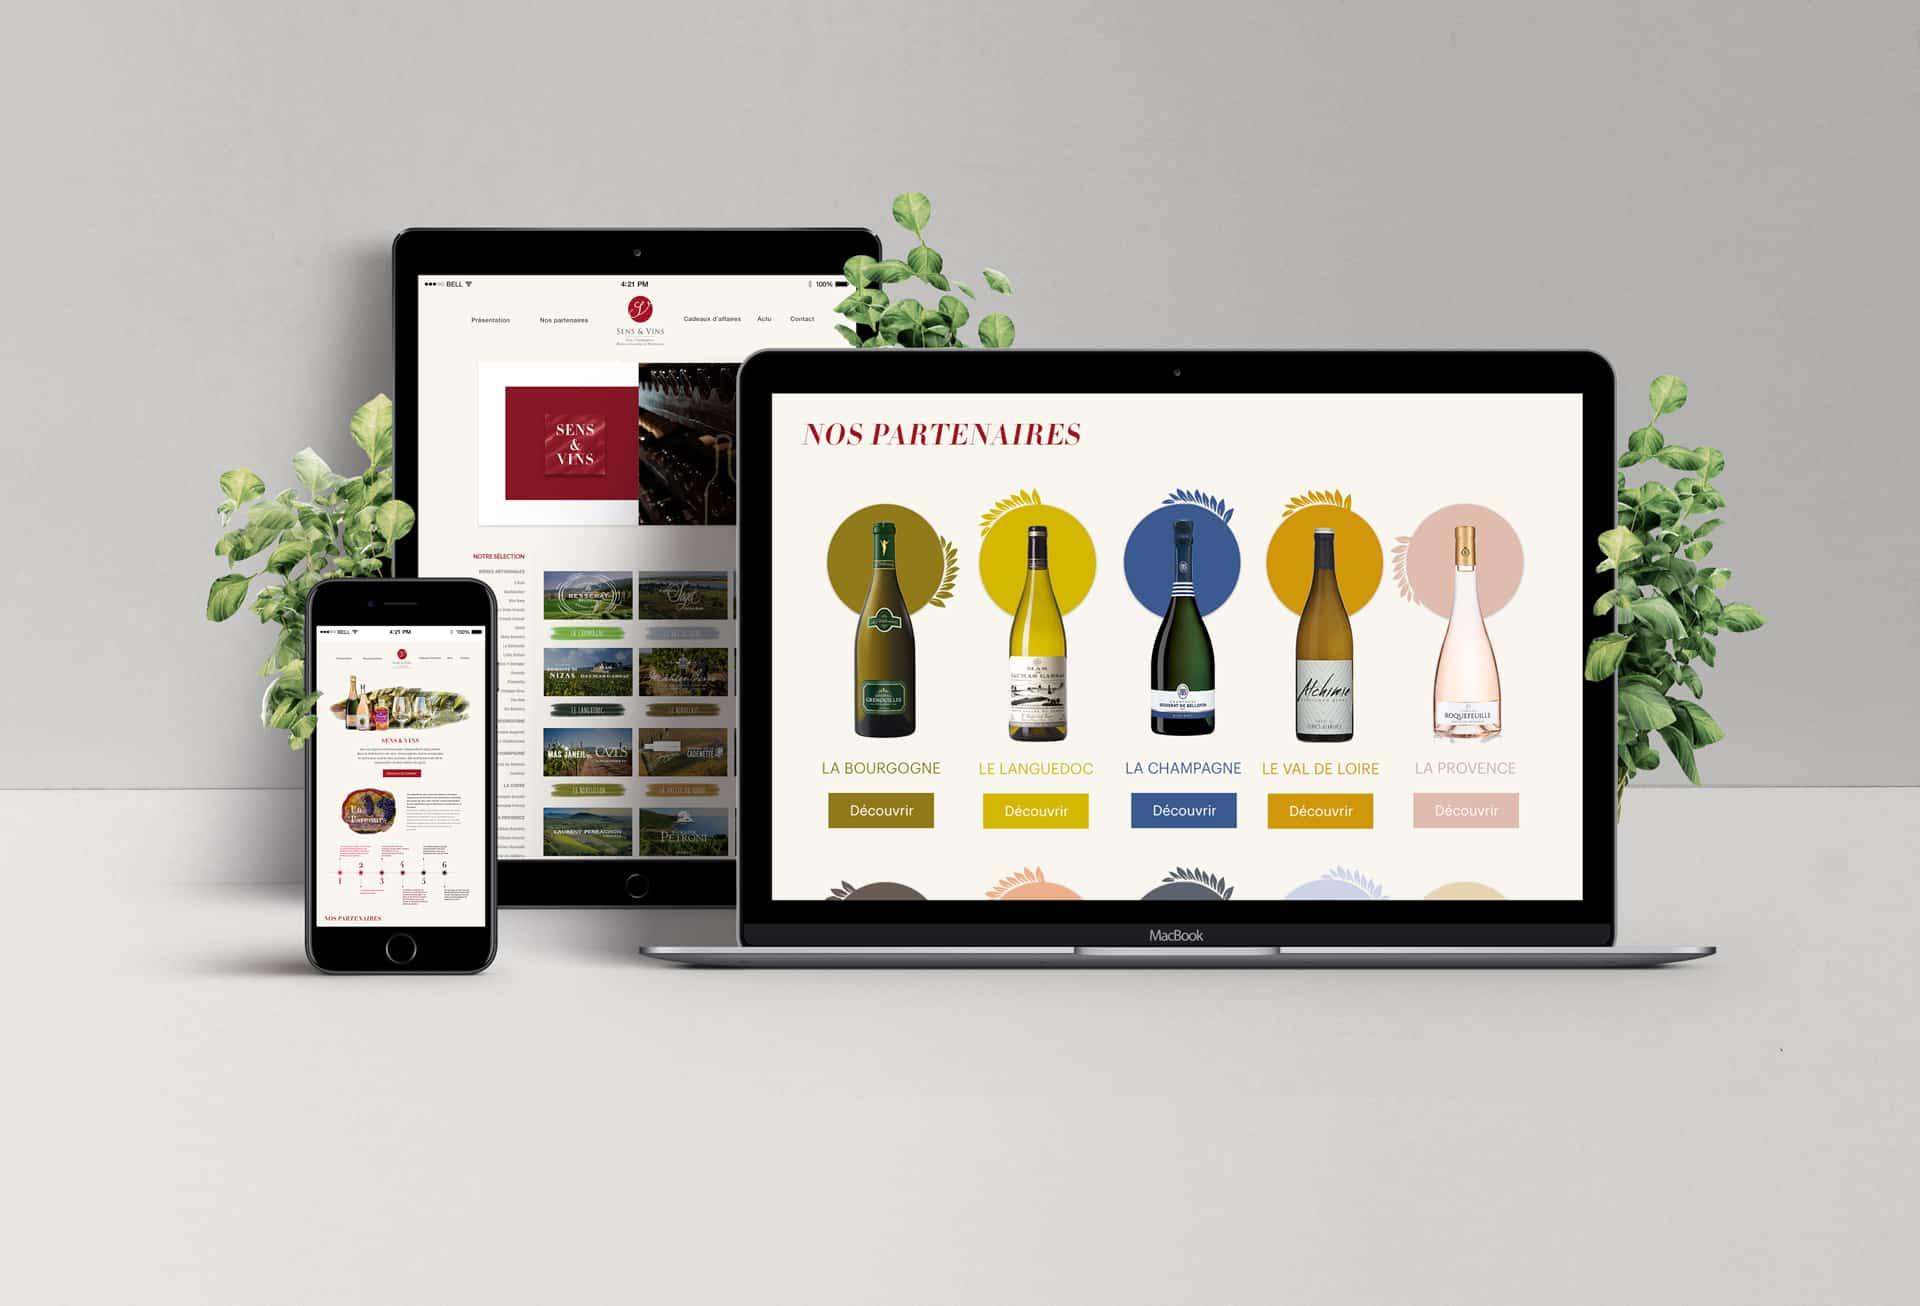 Sens & Vins – Web design